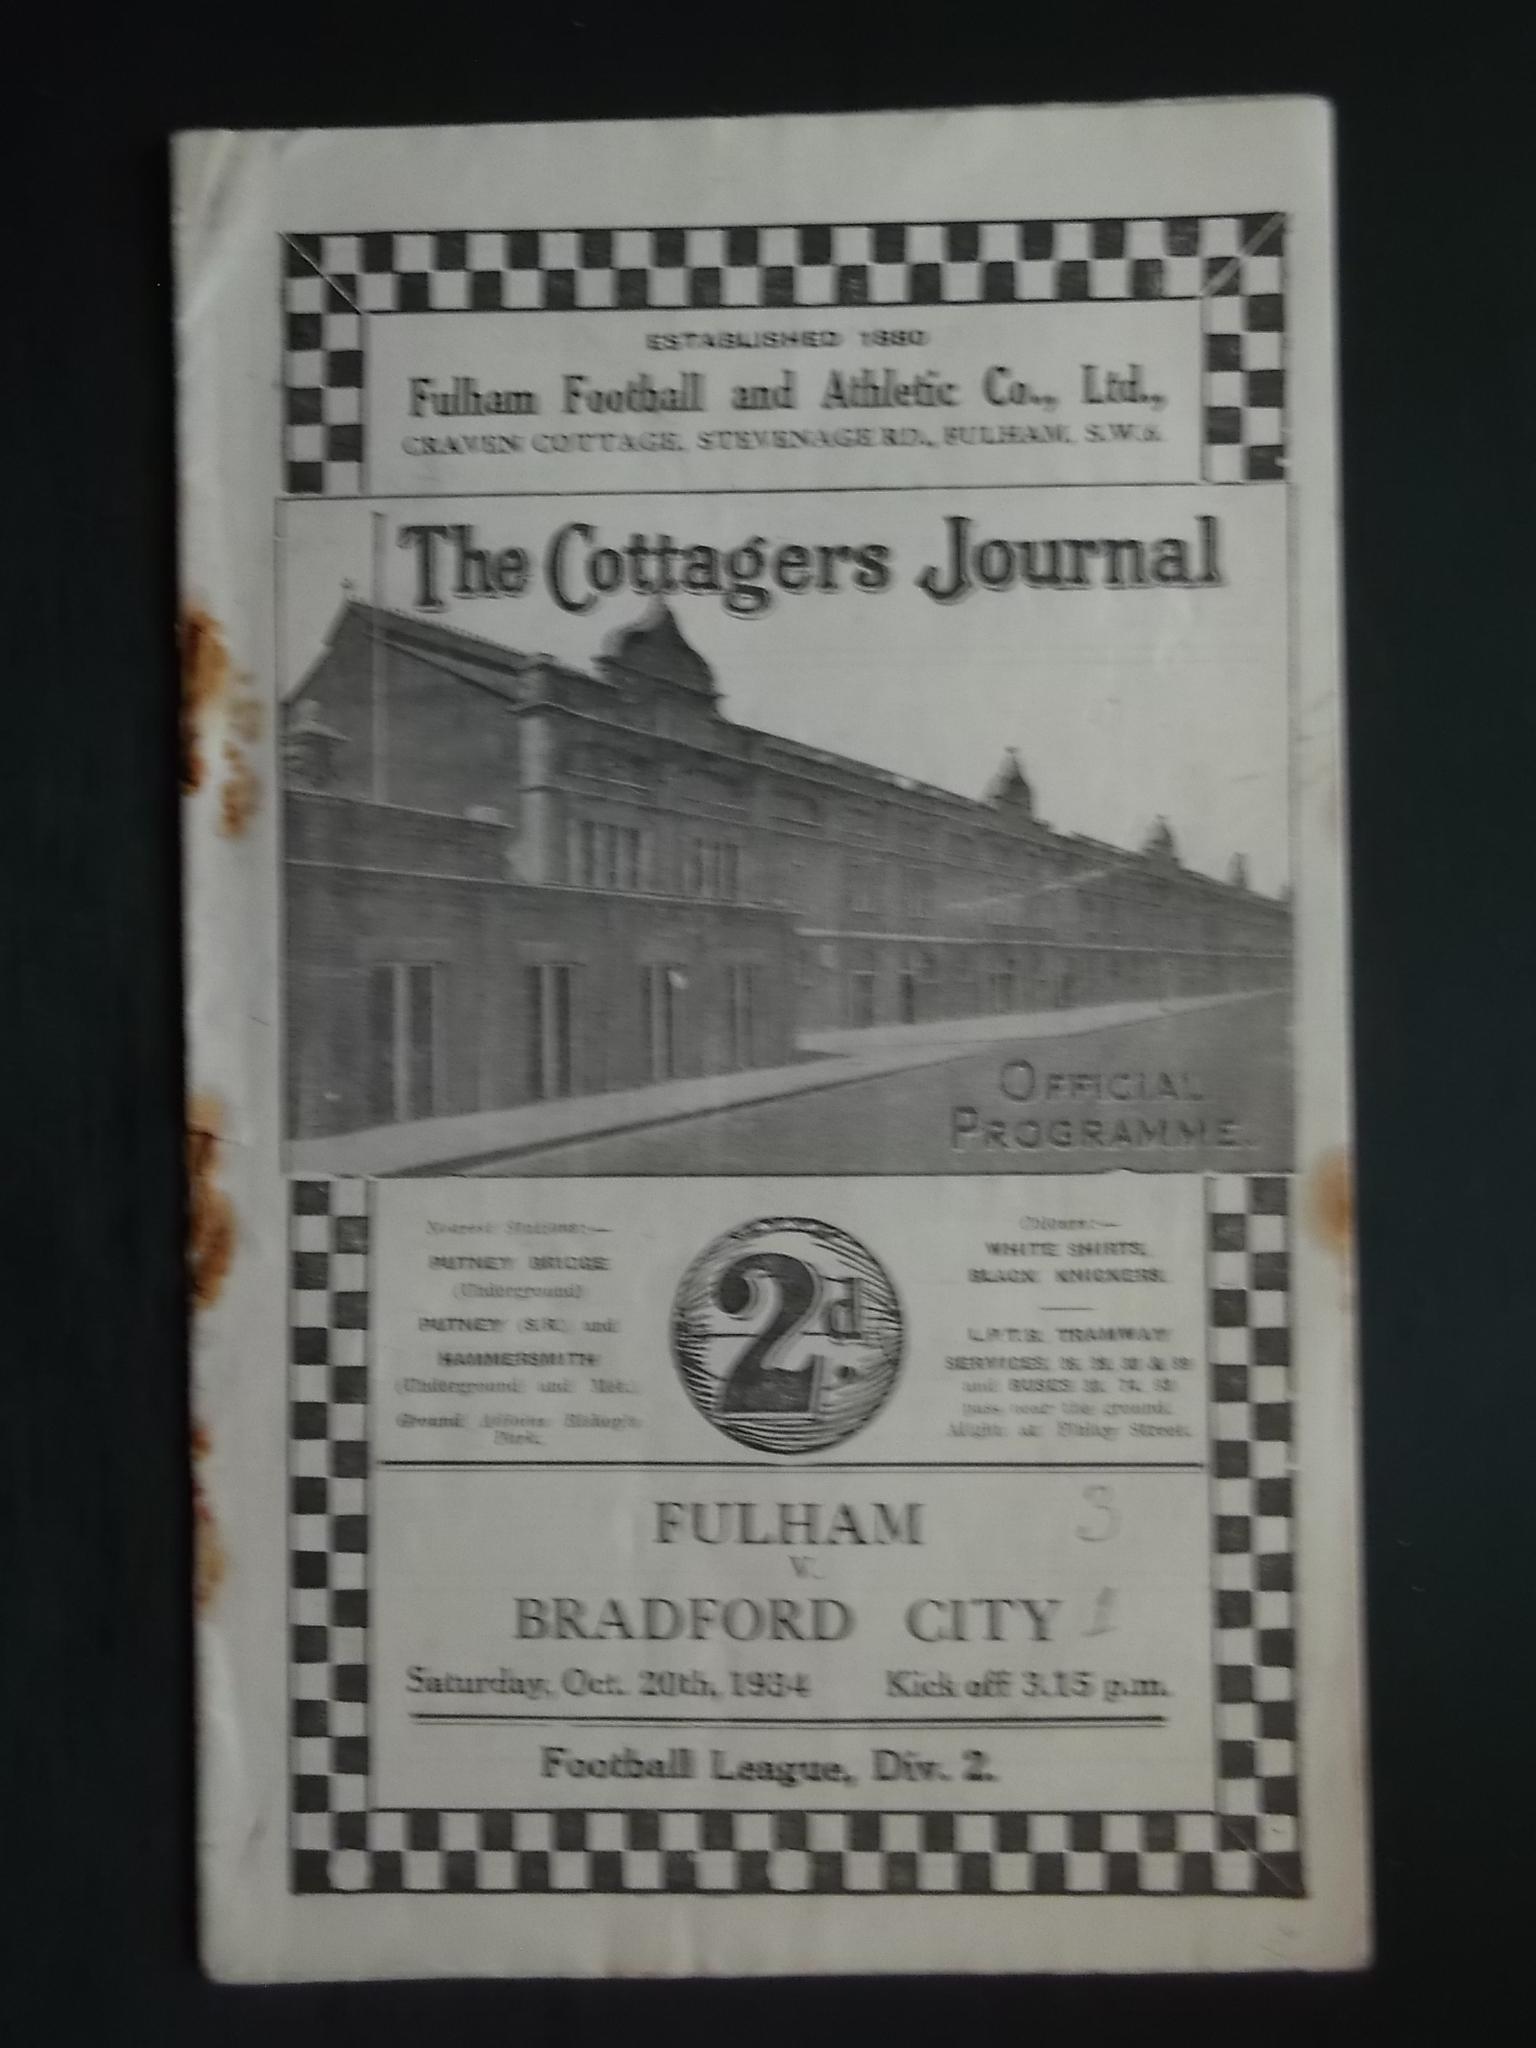 Lot 10 - 1934-35 FULHAM V BRADFORD CITY